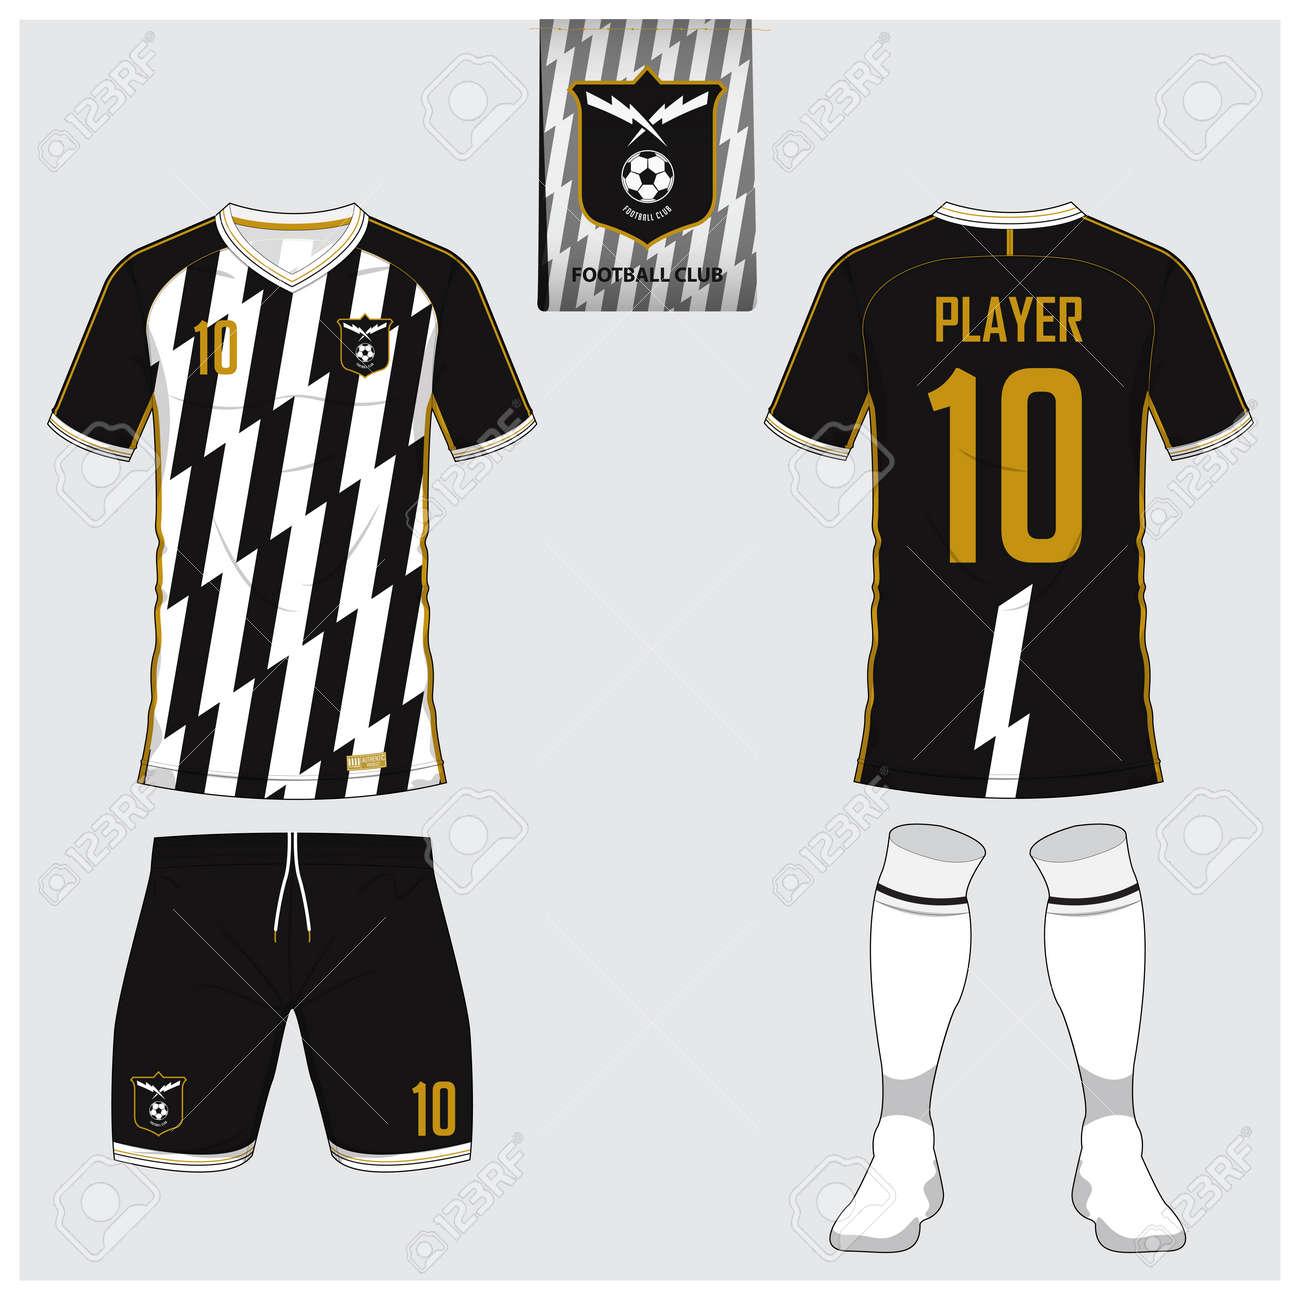 Sock Template | Soccer Jersey Or Football Kit Short Sock Template For Sport